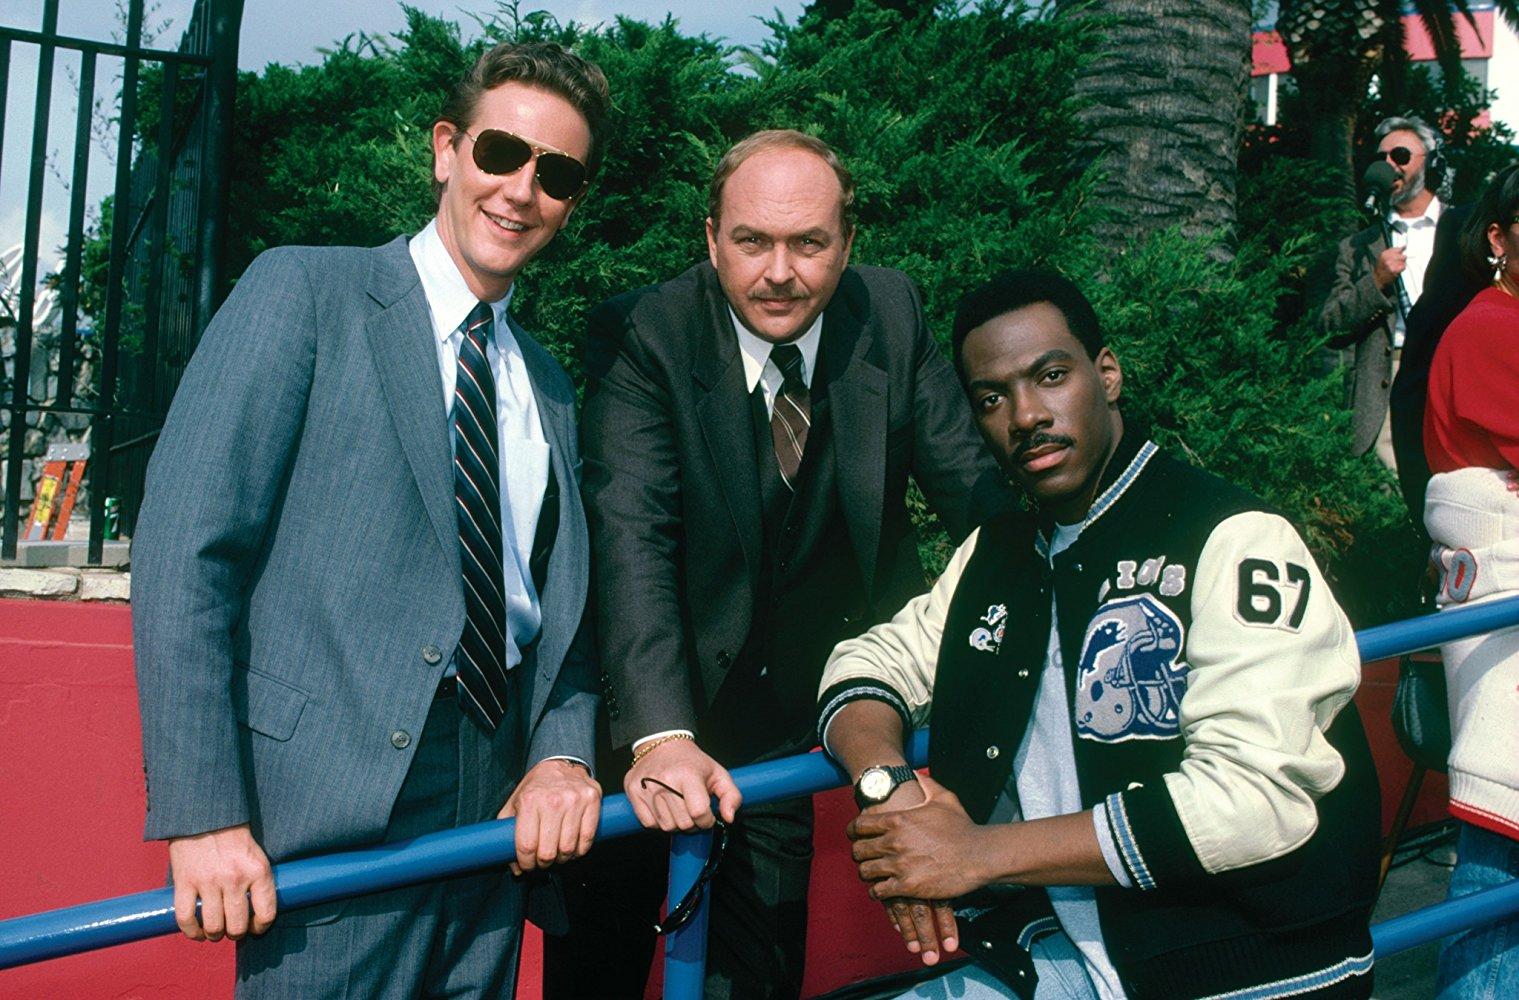 Судья Рейнхольд, Эдди Мерфи и Джон Эштон в роли полицейских в Beverly Hills Cops